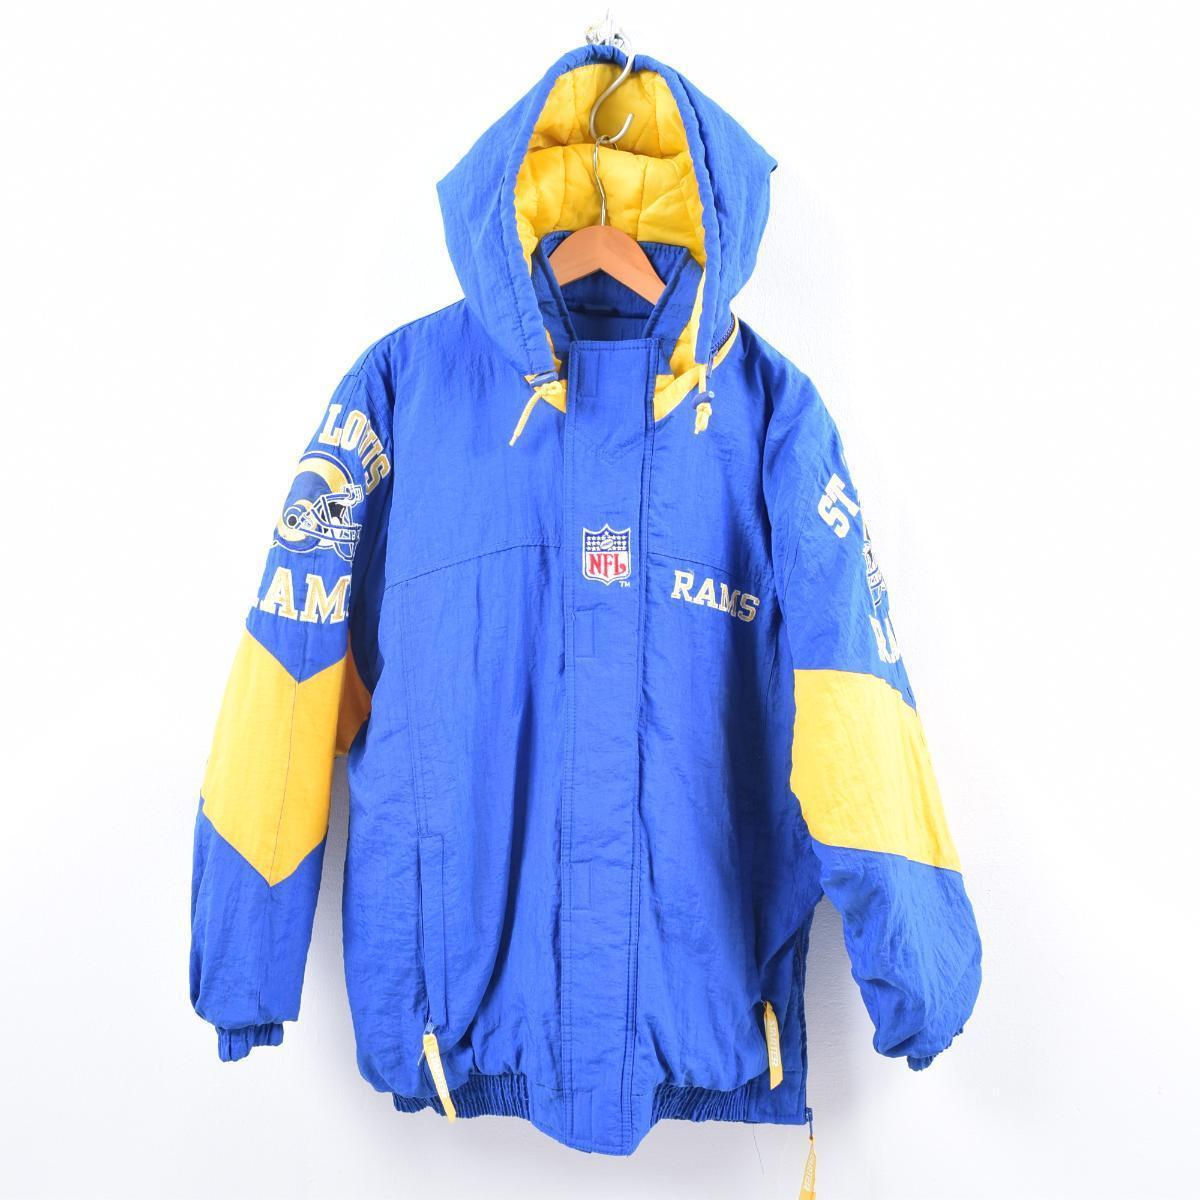 90年代 スターター Starter NFL ST. LOUIS RAMS セントルイスラムズ フード付き 中綿ジャケット メンズXL /wbi0920 【中古】 【191014】【PD191219】【CS2003】【【SS2003】】